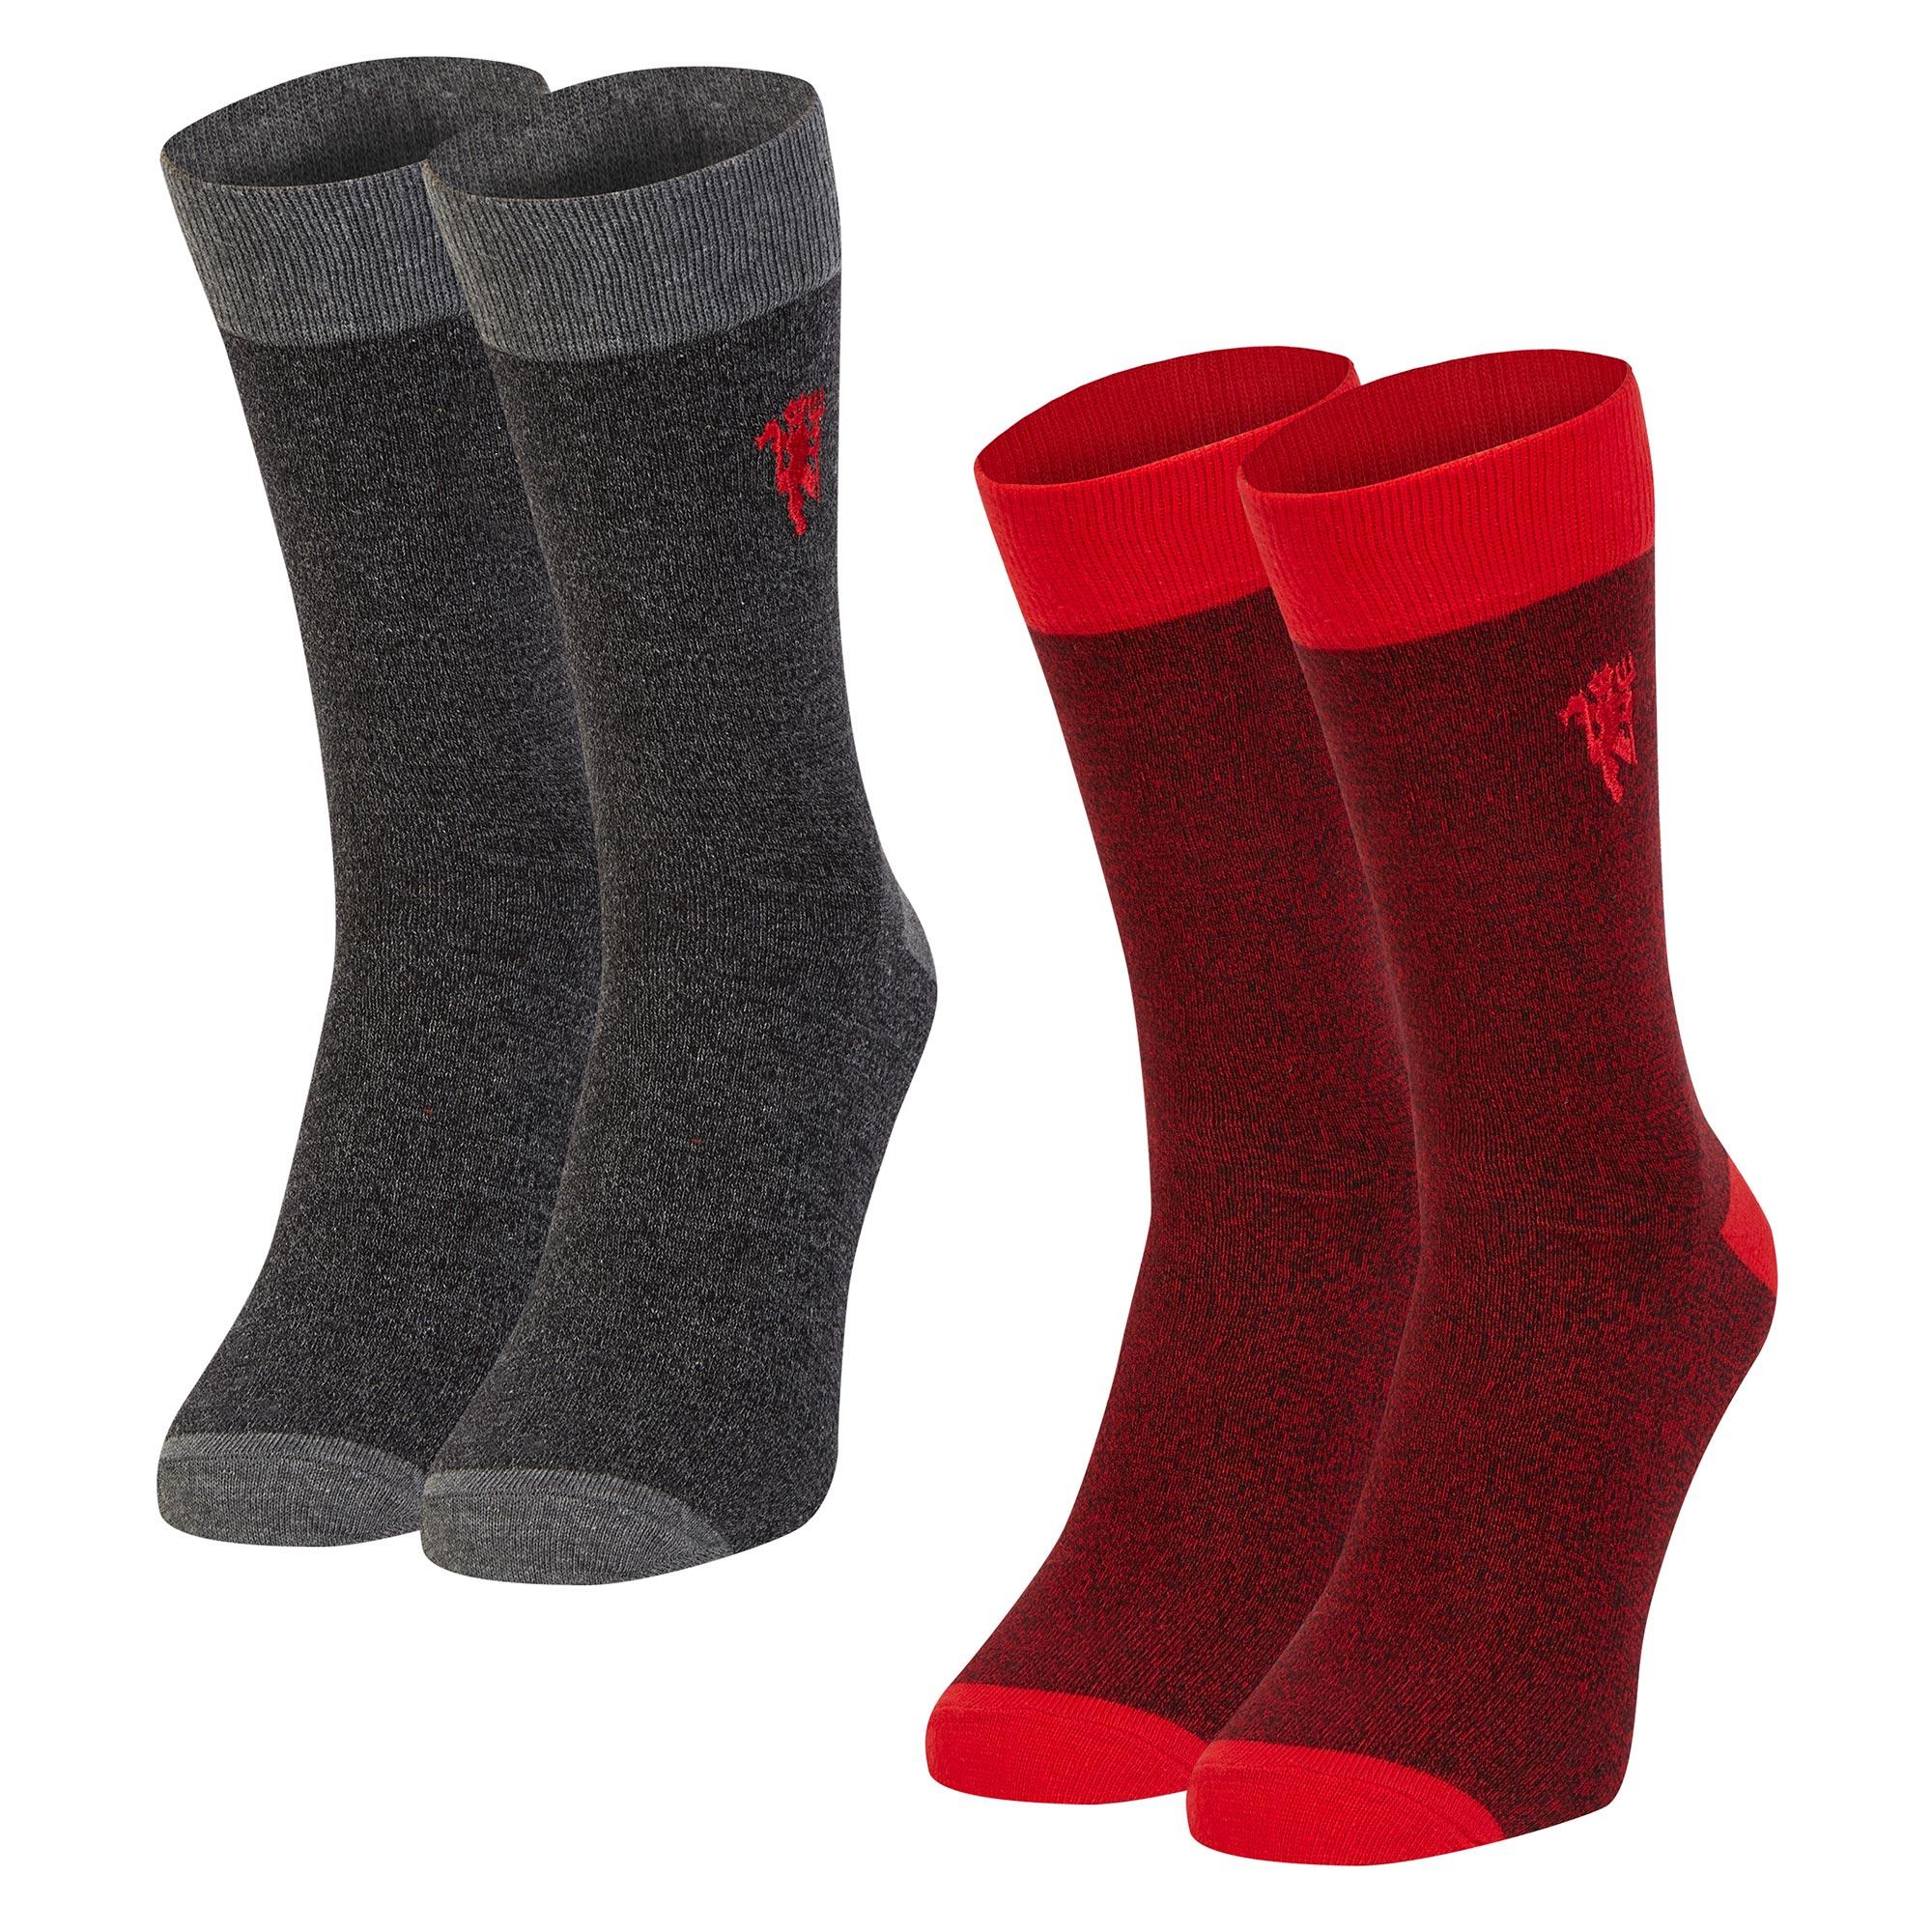 Manchester United Lot de 2paires de chaussettes Red Devil - Rouge/gris - Homme